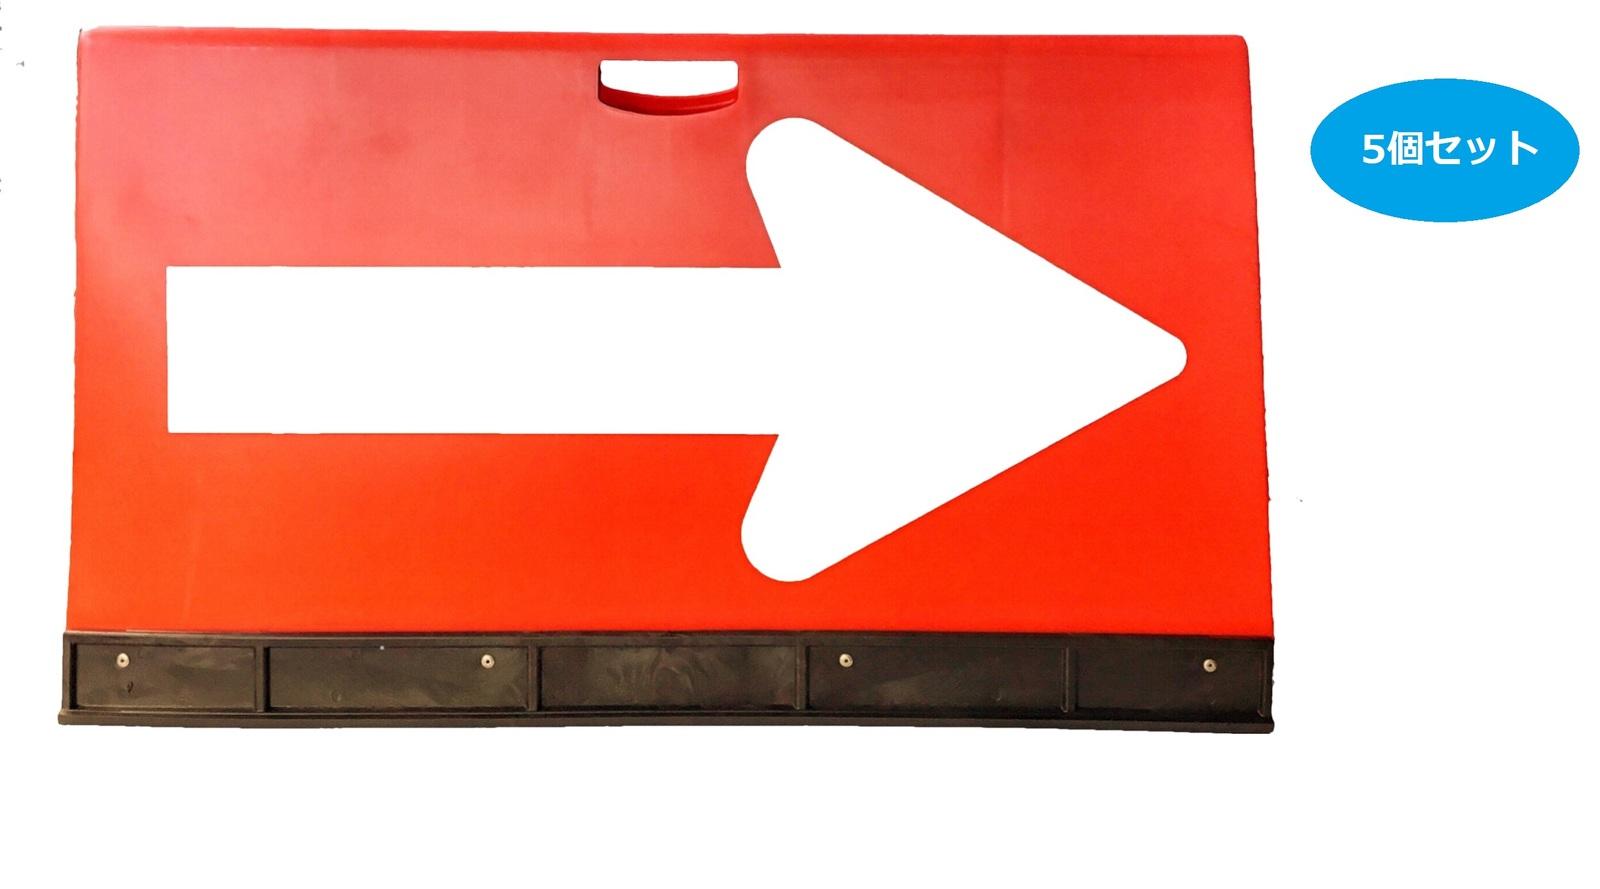 【業者様限定品 DGK 樹脂製 方向指示板 5個】 赤×白矢印 白反射テープ おもり付き 送料無料 ★大型便★大和技研工業